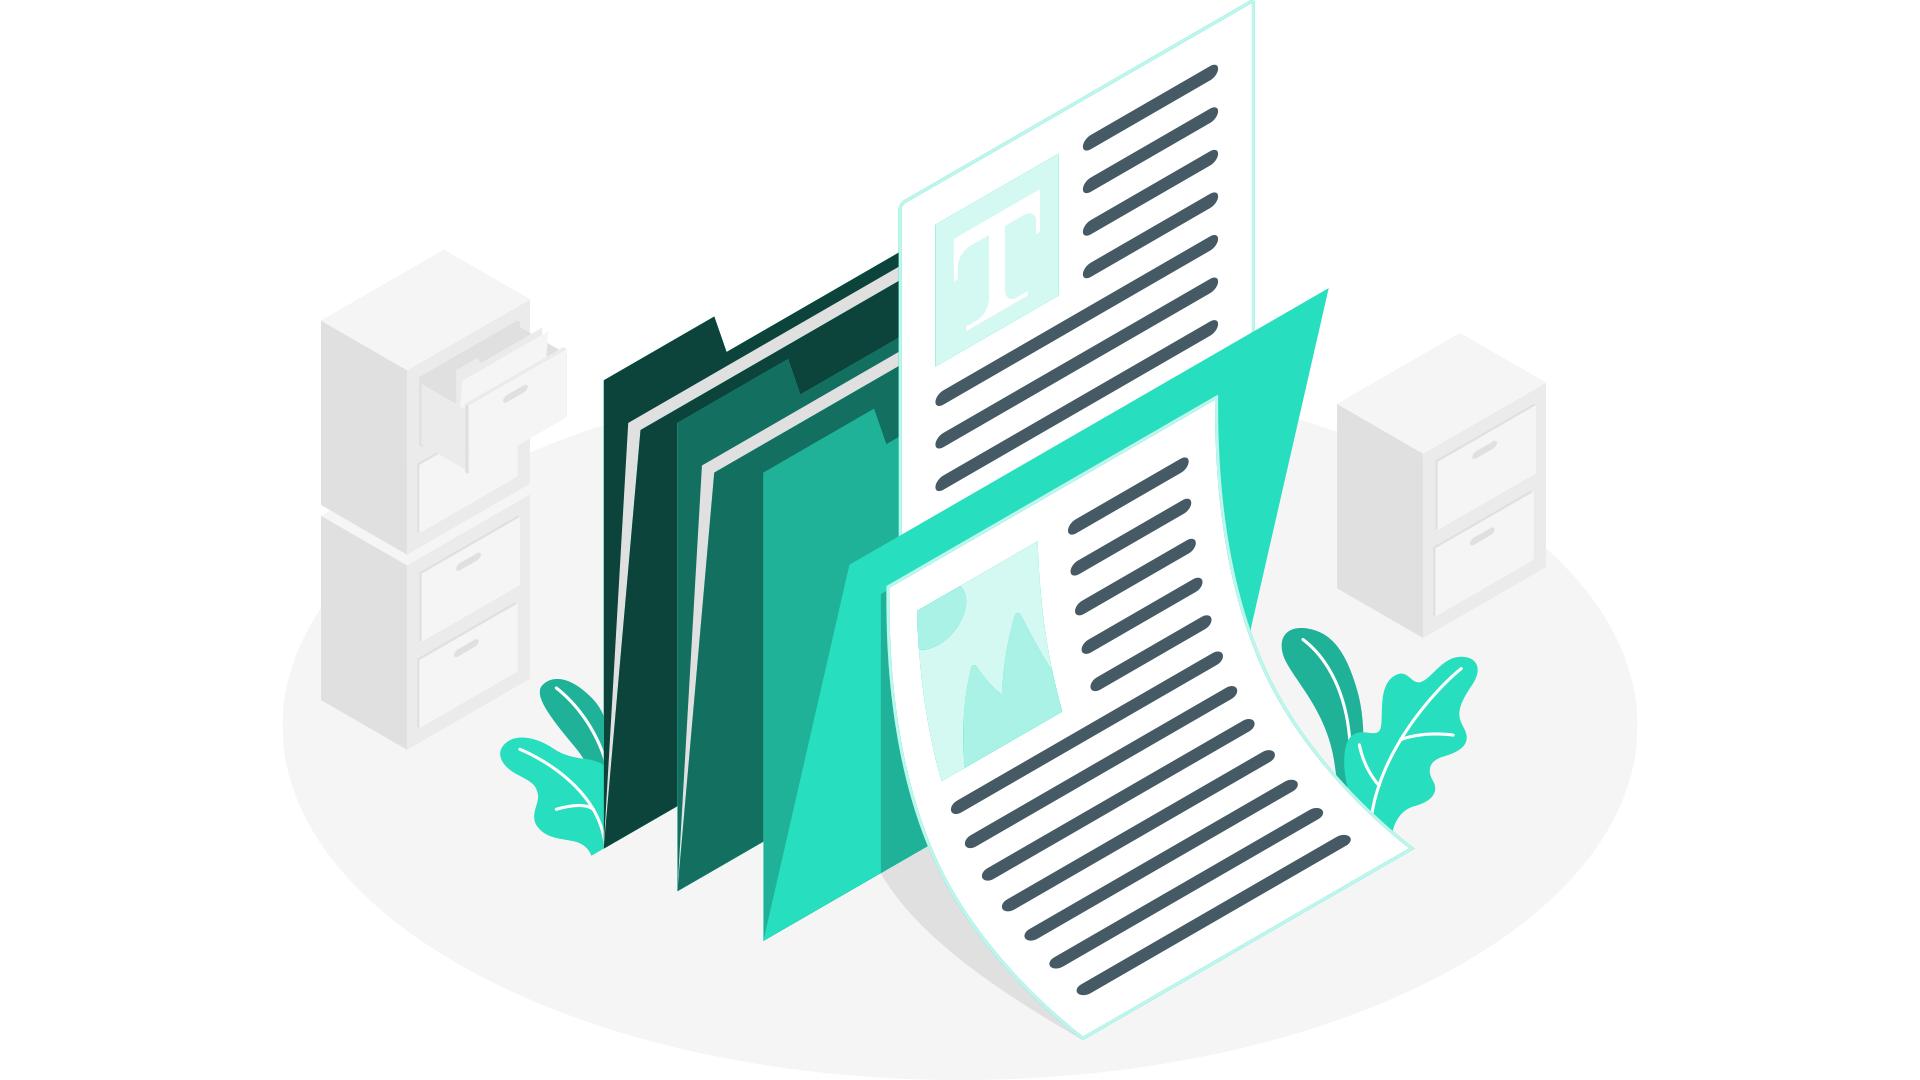 phần mềm quản lý văn bản hiệu quả cho doanh nghiệp